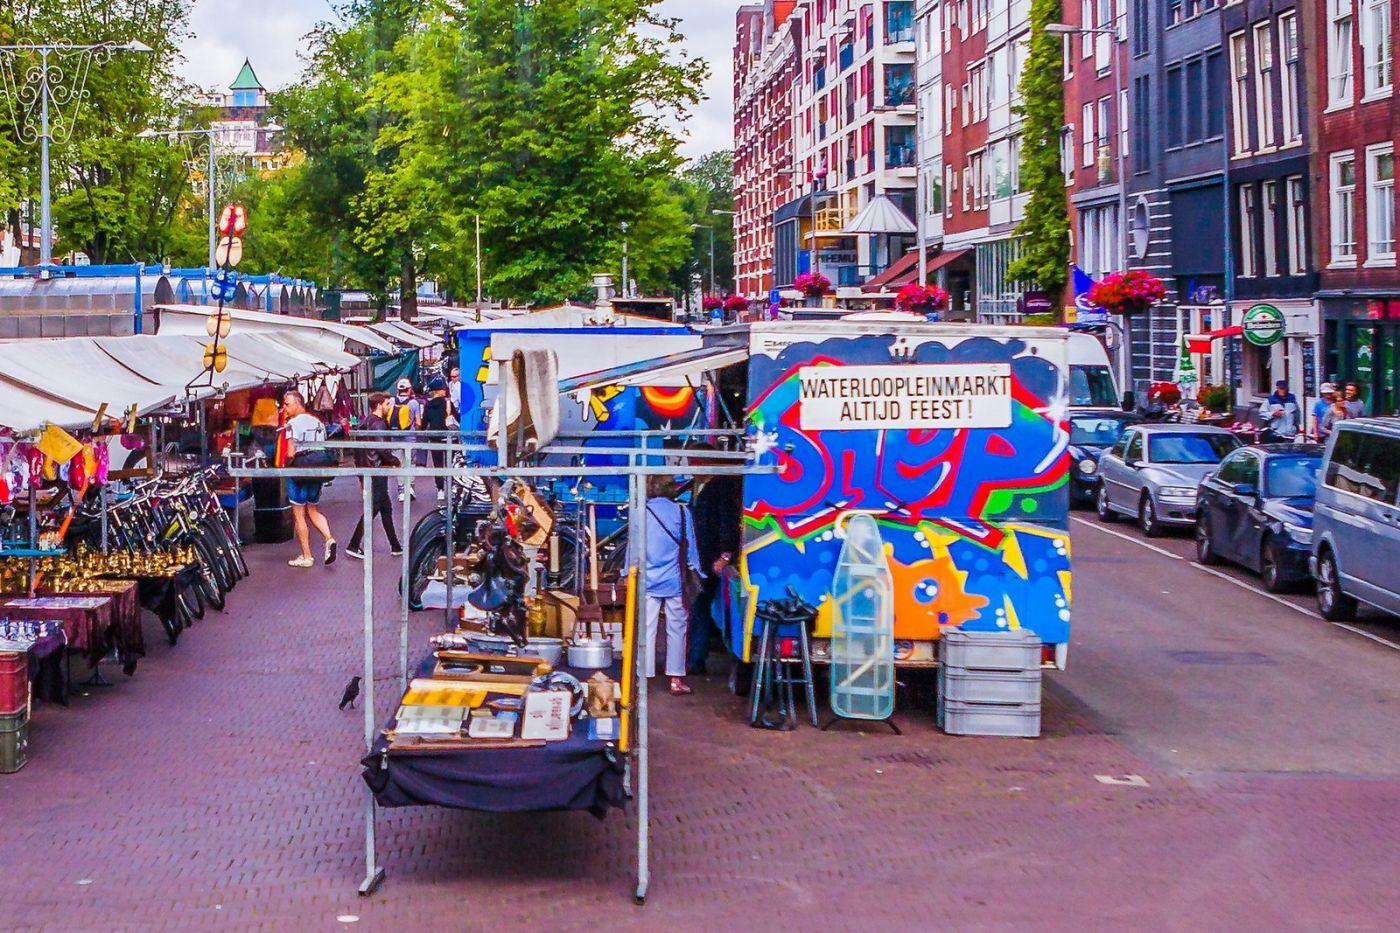 荷兰阿姆斯特丹,扫街随拍_图1-33